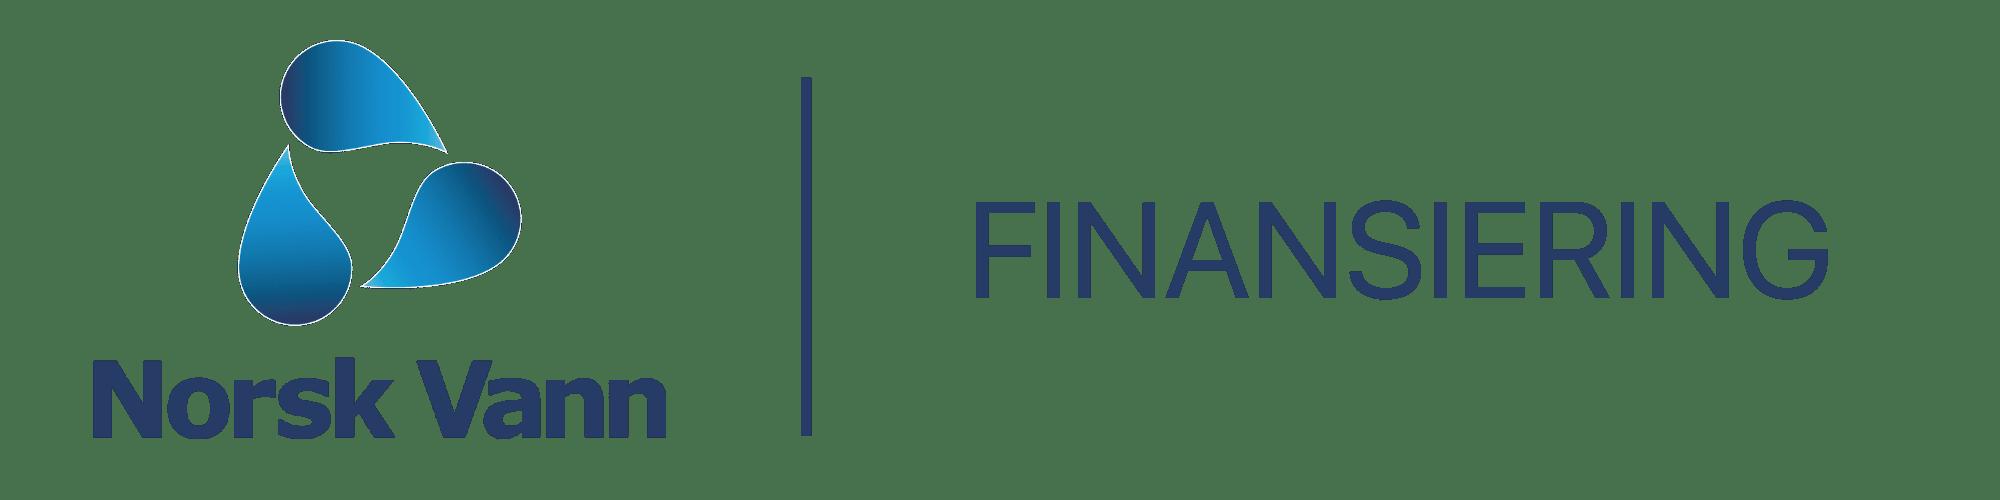 Norsk Vanns finansieringsweb